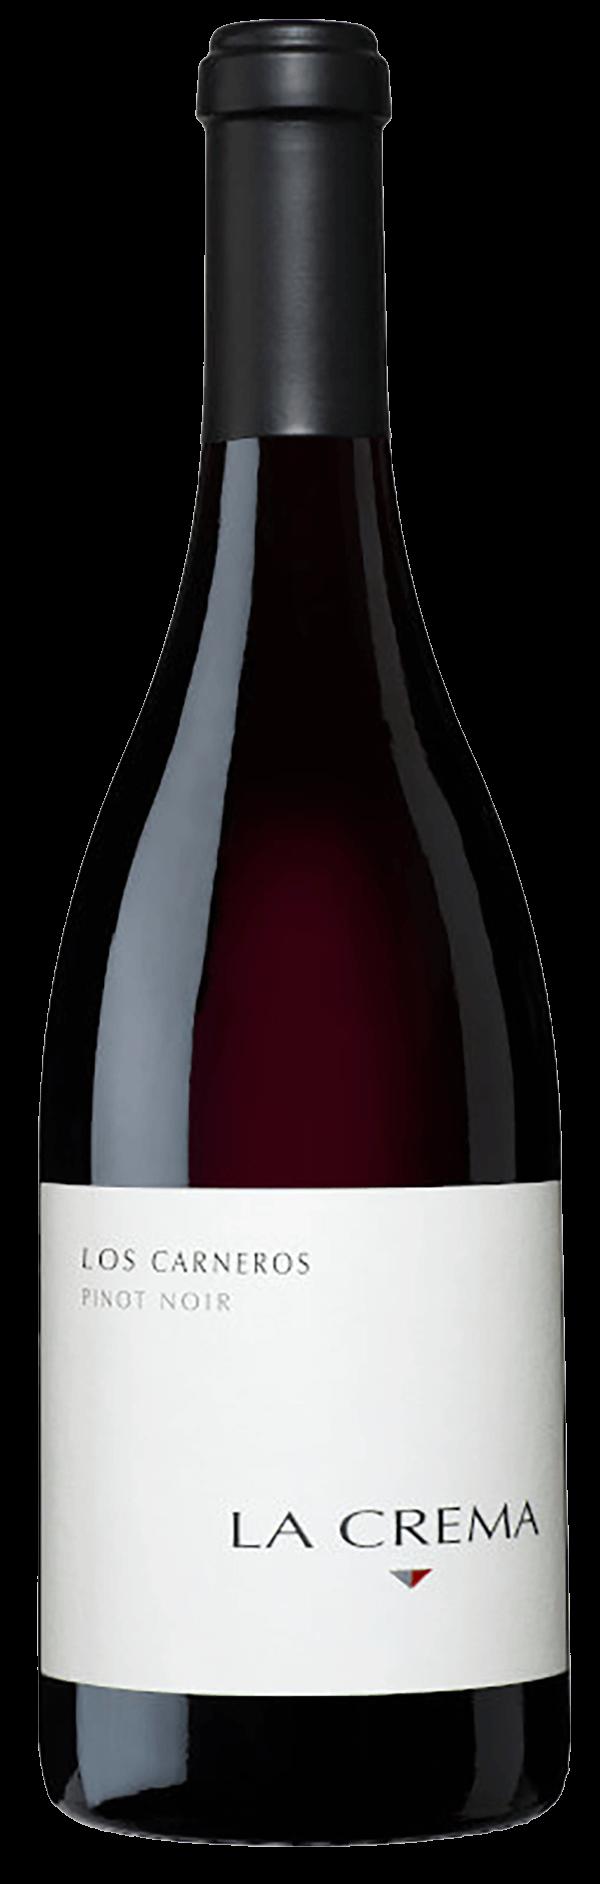 2018 Los Carneros Pinot Noir